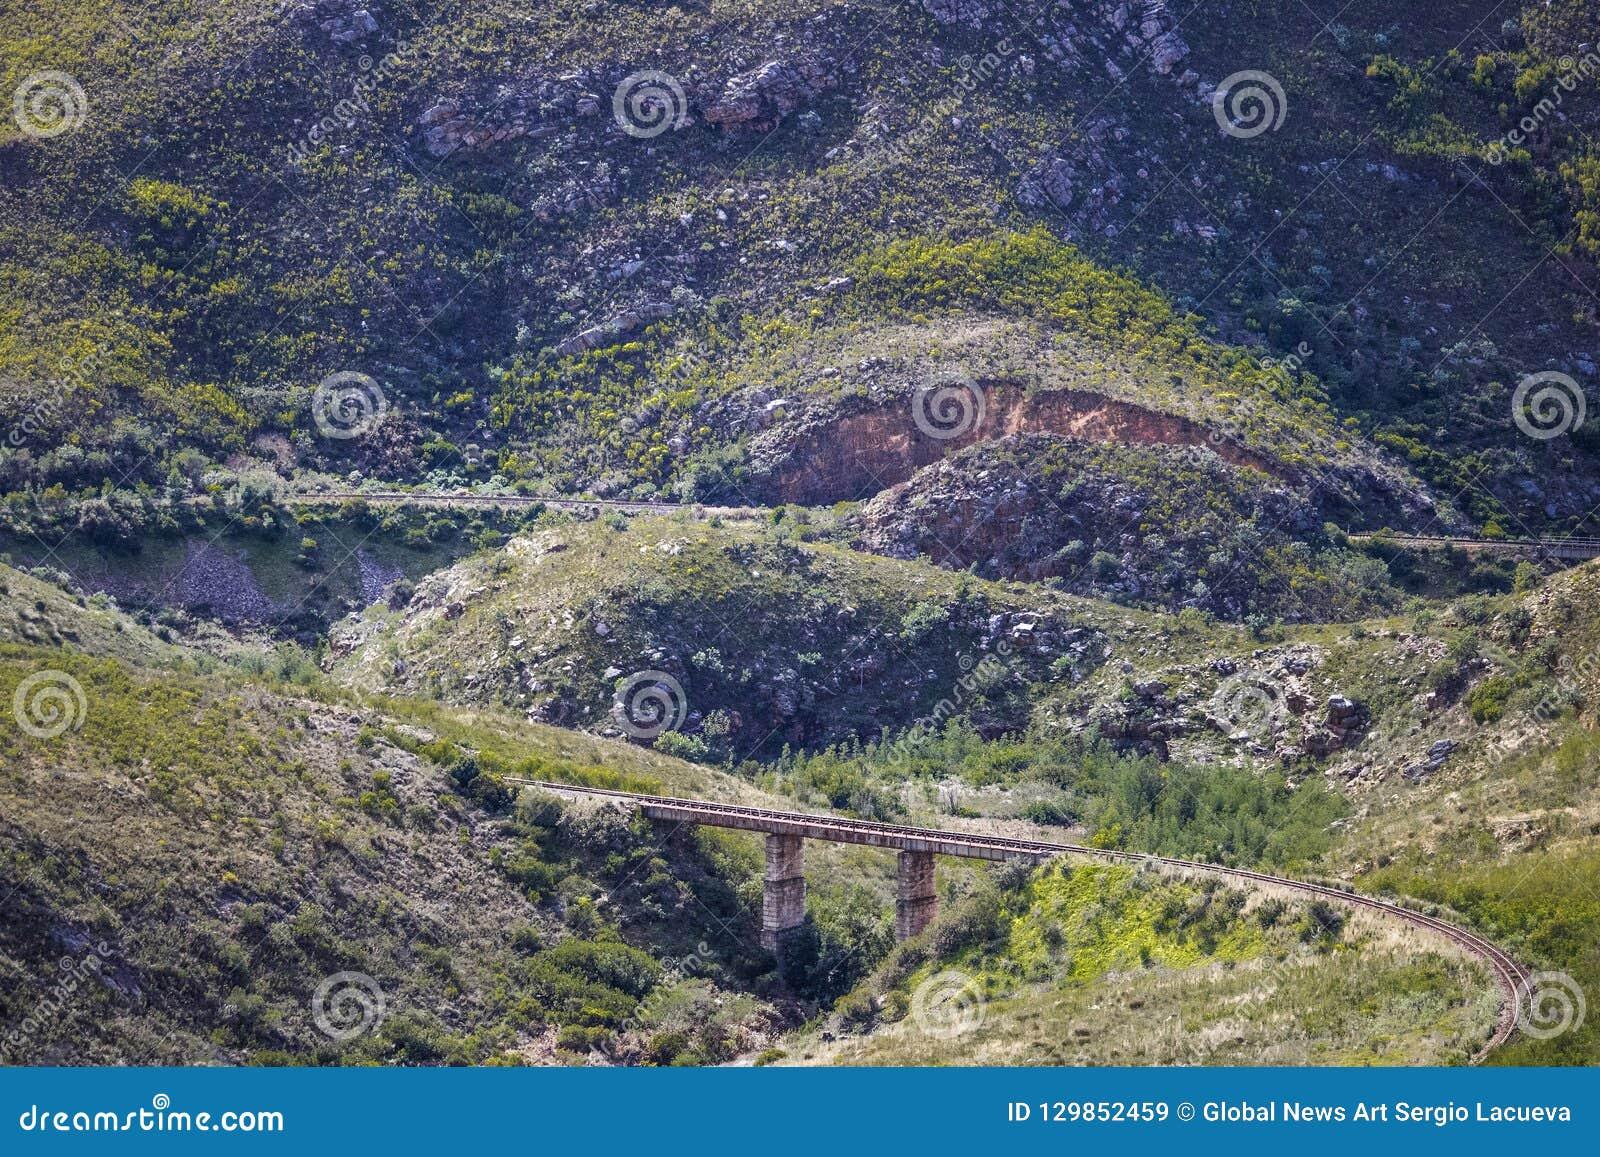 Kolejowy most przez masywnego pasma górskiego - Somerset Zachodni, Zachodni przylądek, Południowa Afryka